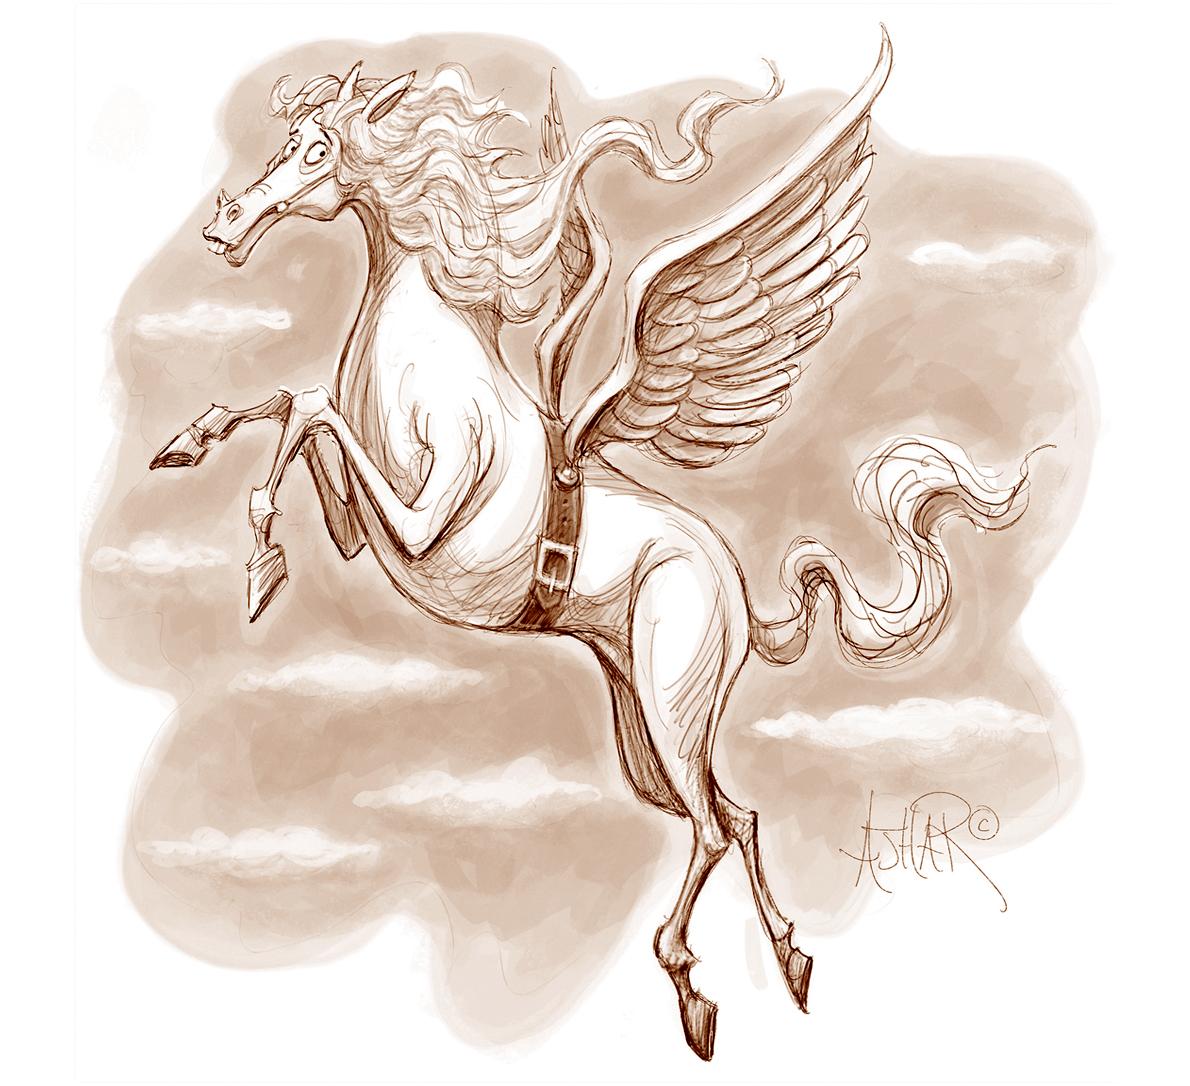 003.Characters.Pegasus.1080p.jpg